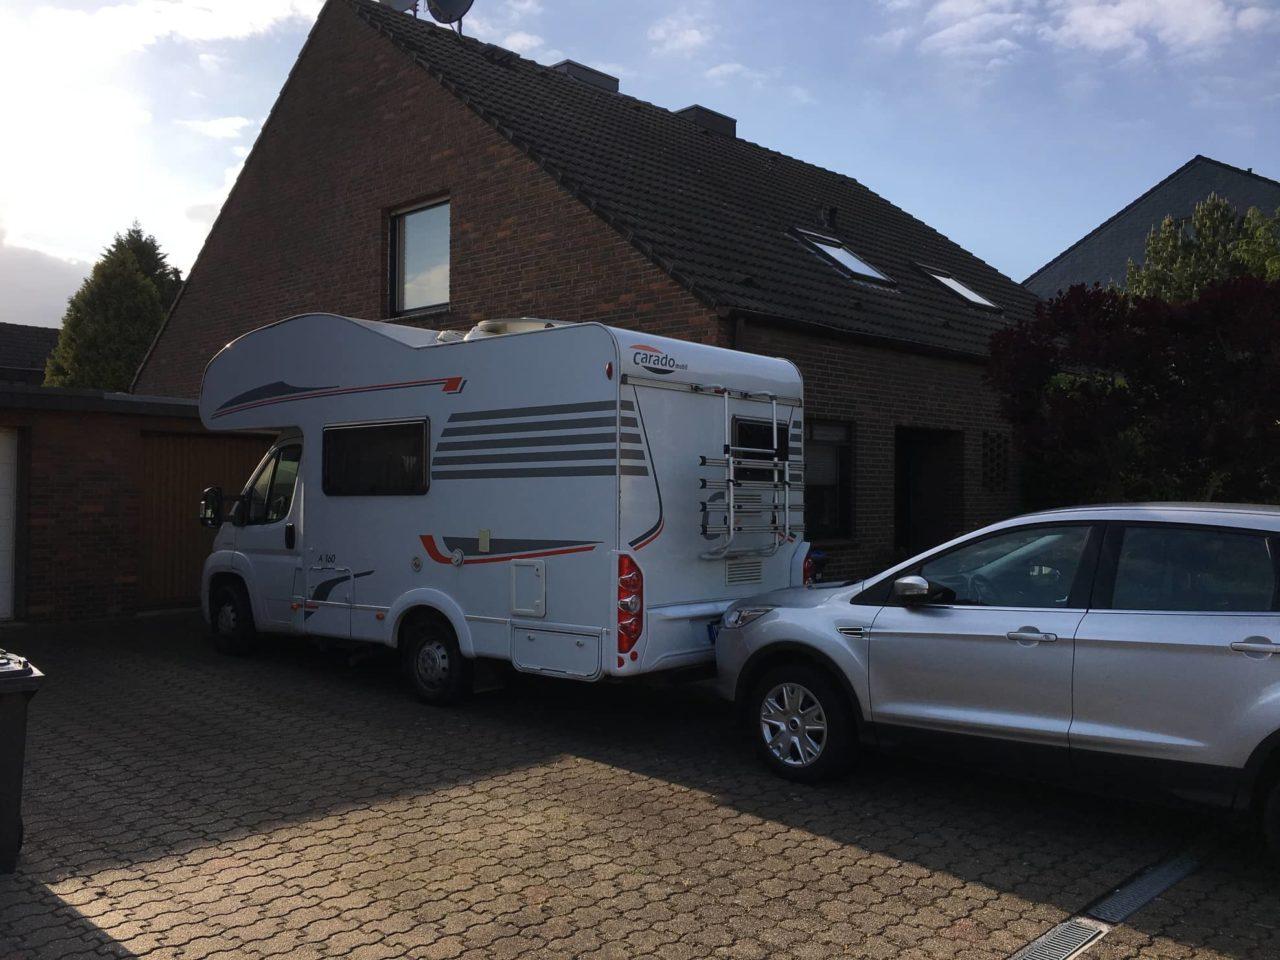 Wohnmobil parkt am Haus